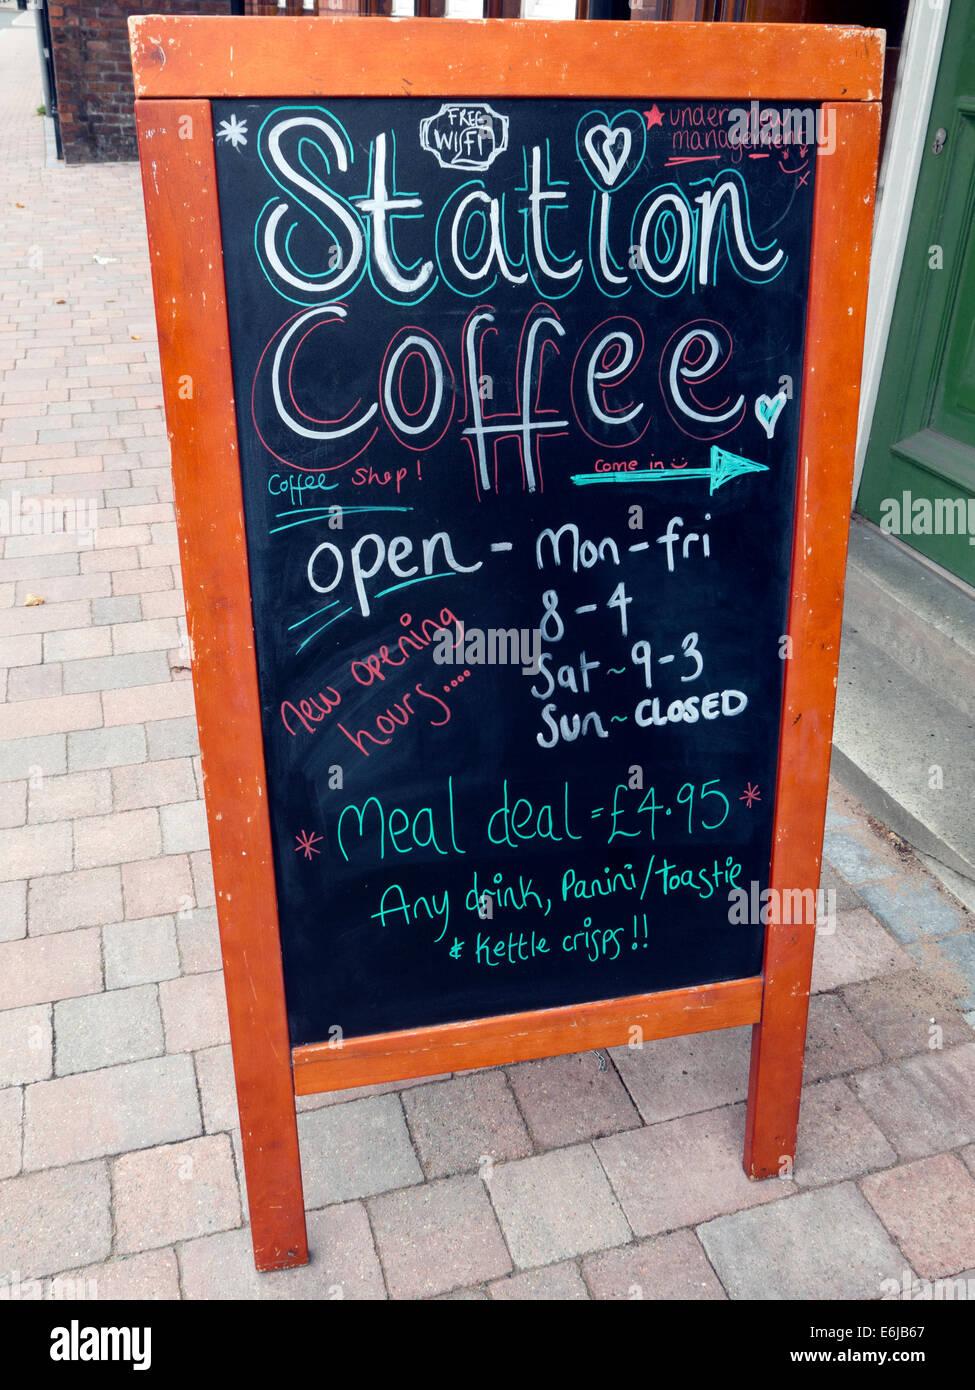 Laden Sie dieses Alamy Stockfoto Kaffee, unabhängige Café, Widerstand gegen Costa und Starbucks, außen Blackboard-Station - E6JB67